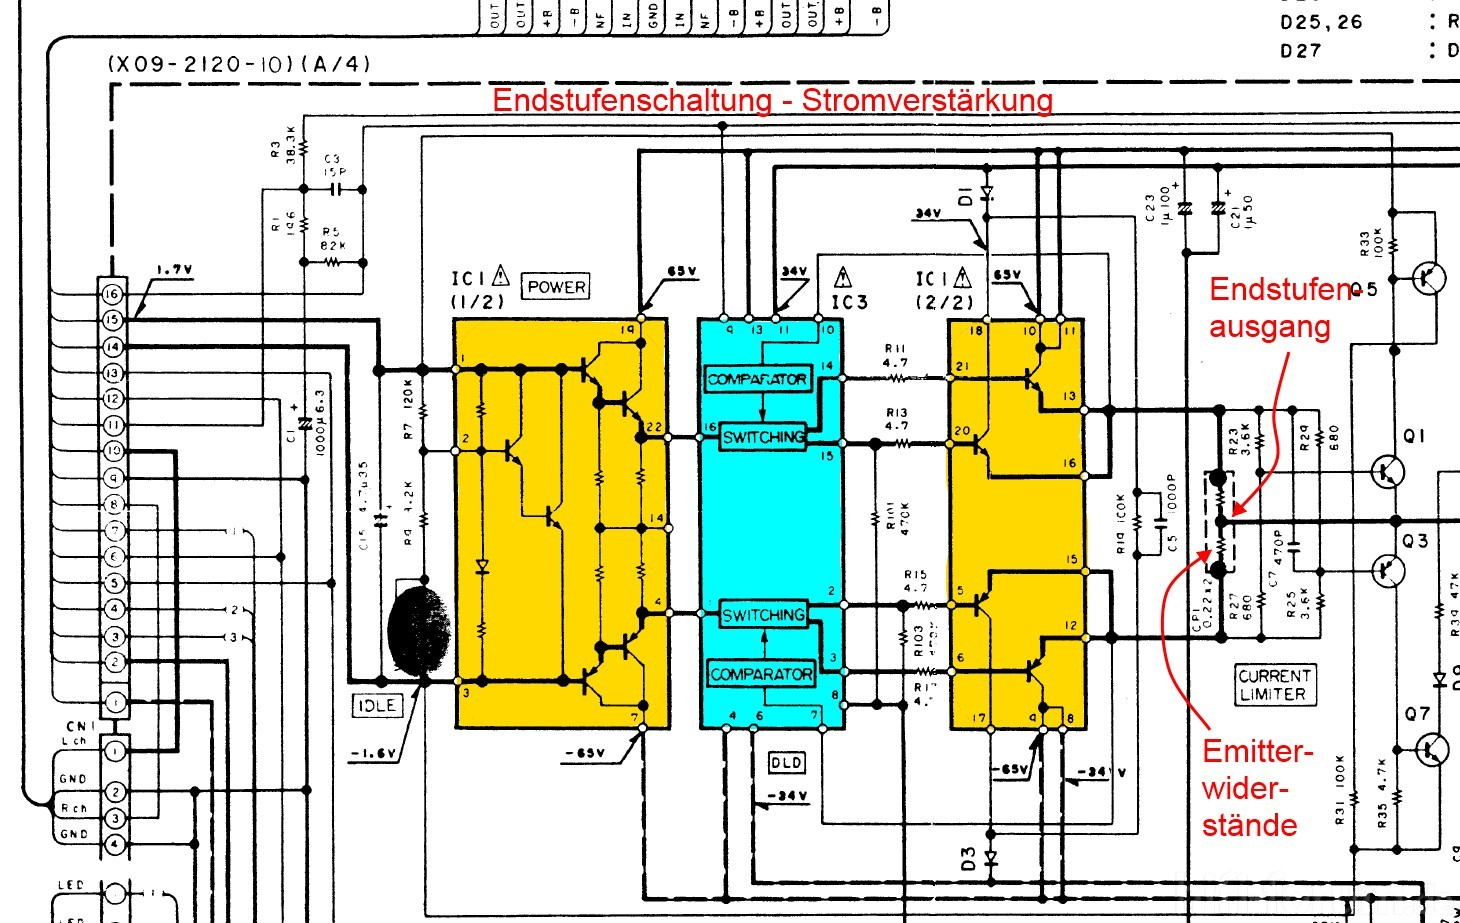 Ausgezeichnet 20 Ampere Ausgang Schaltplan Fotos - Der Schaltplan ...